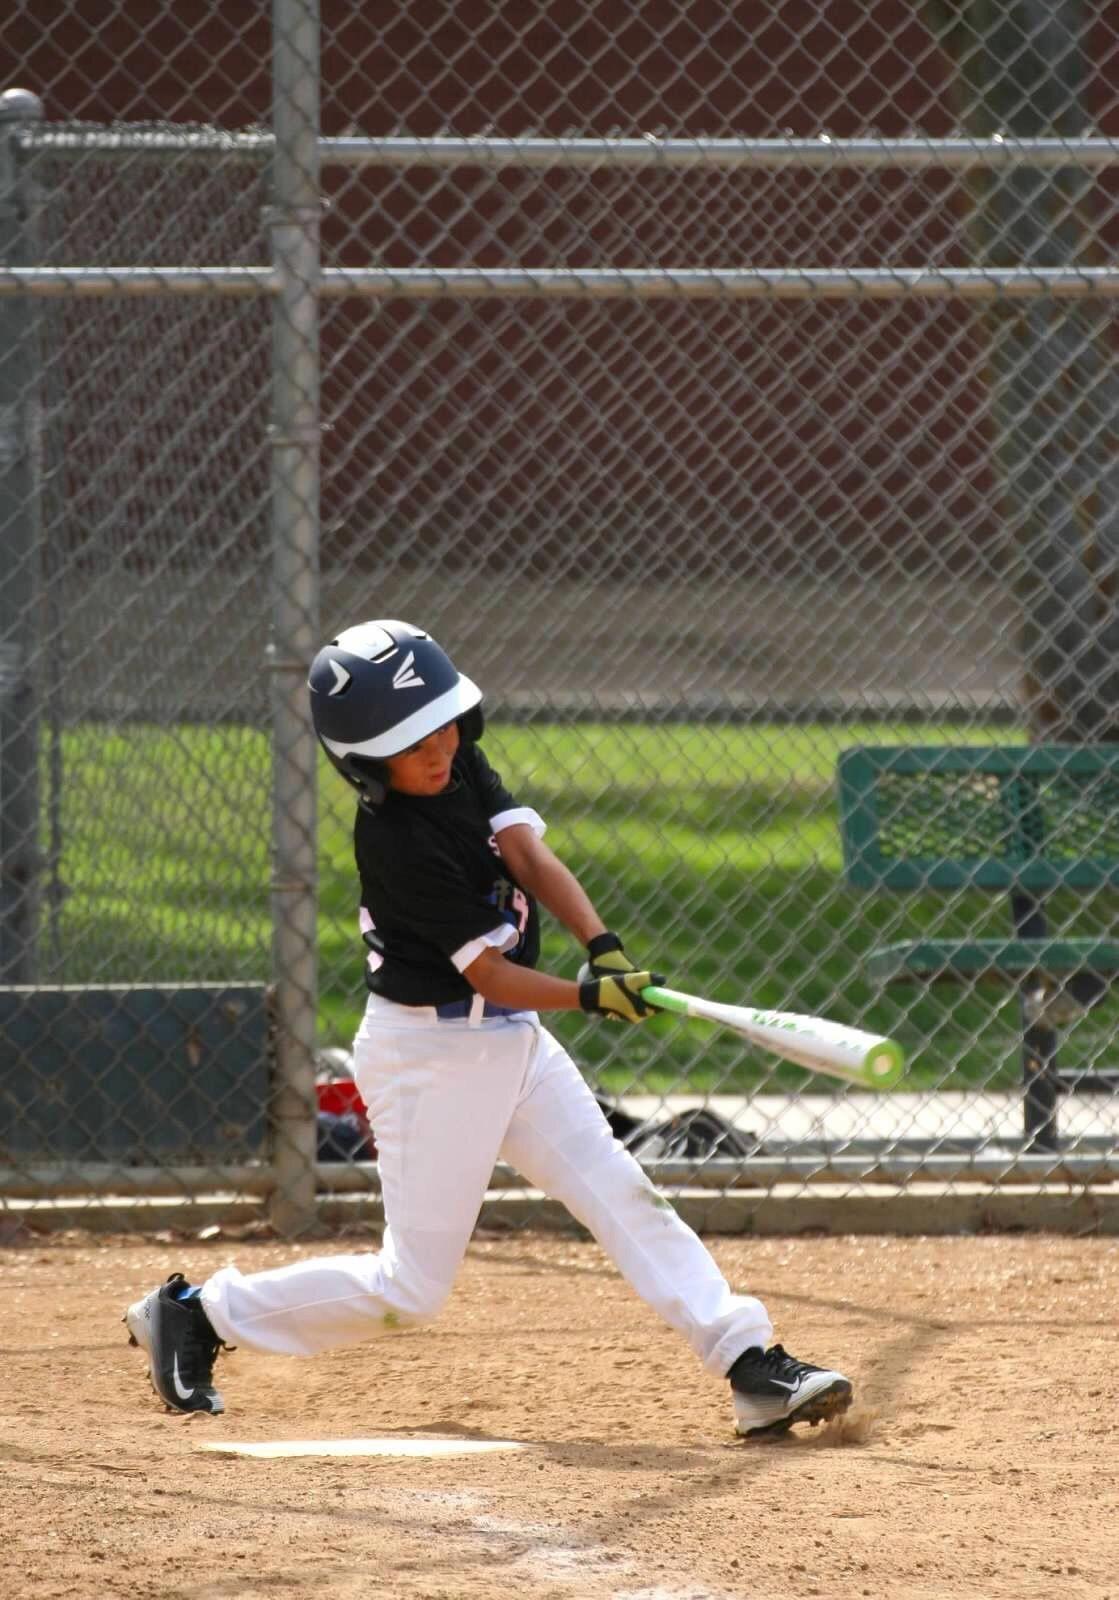 Combat Maxum 12 Senior League Baseball Bat Sl7mx112 Espn Baseball Baseball Scores Baseball Training